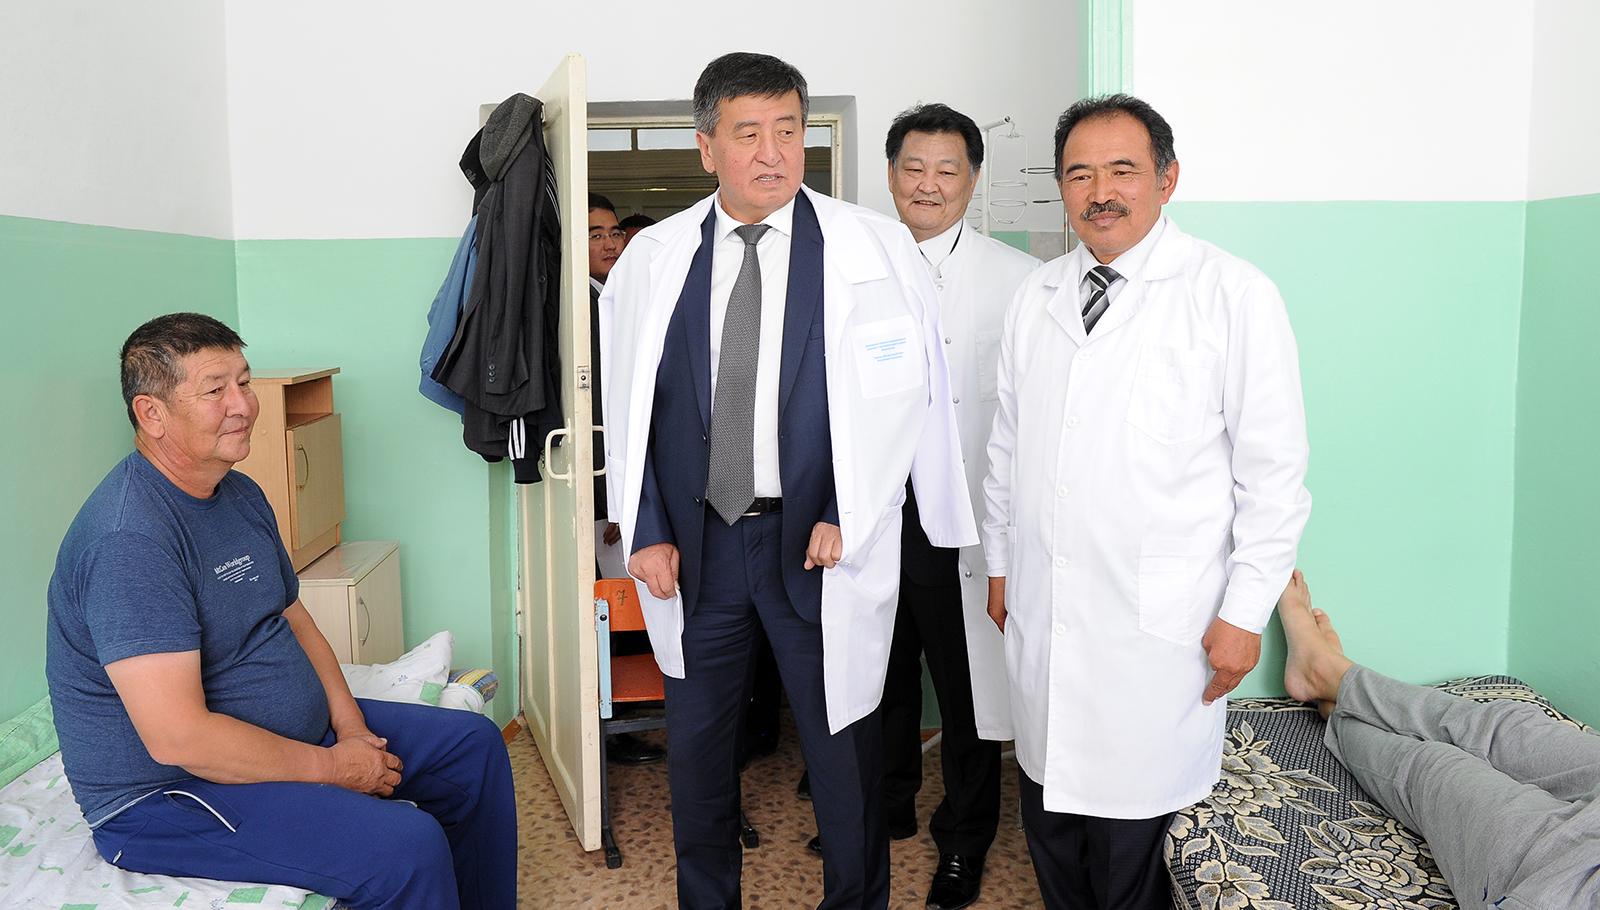 Поликлиника 2 г шахты расписание врачей